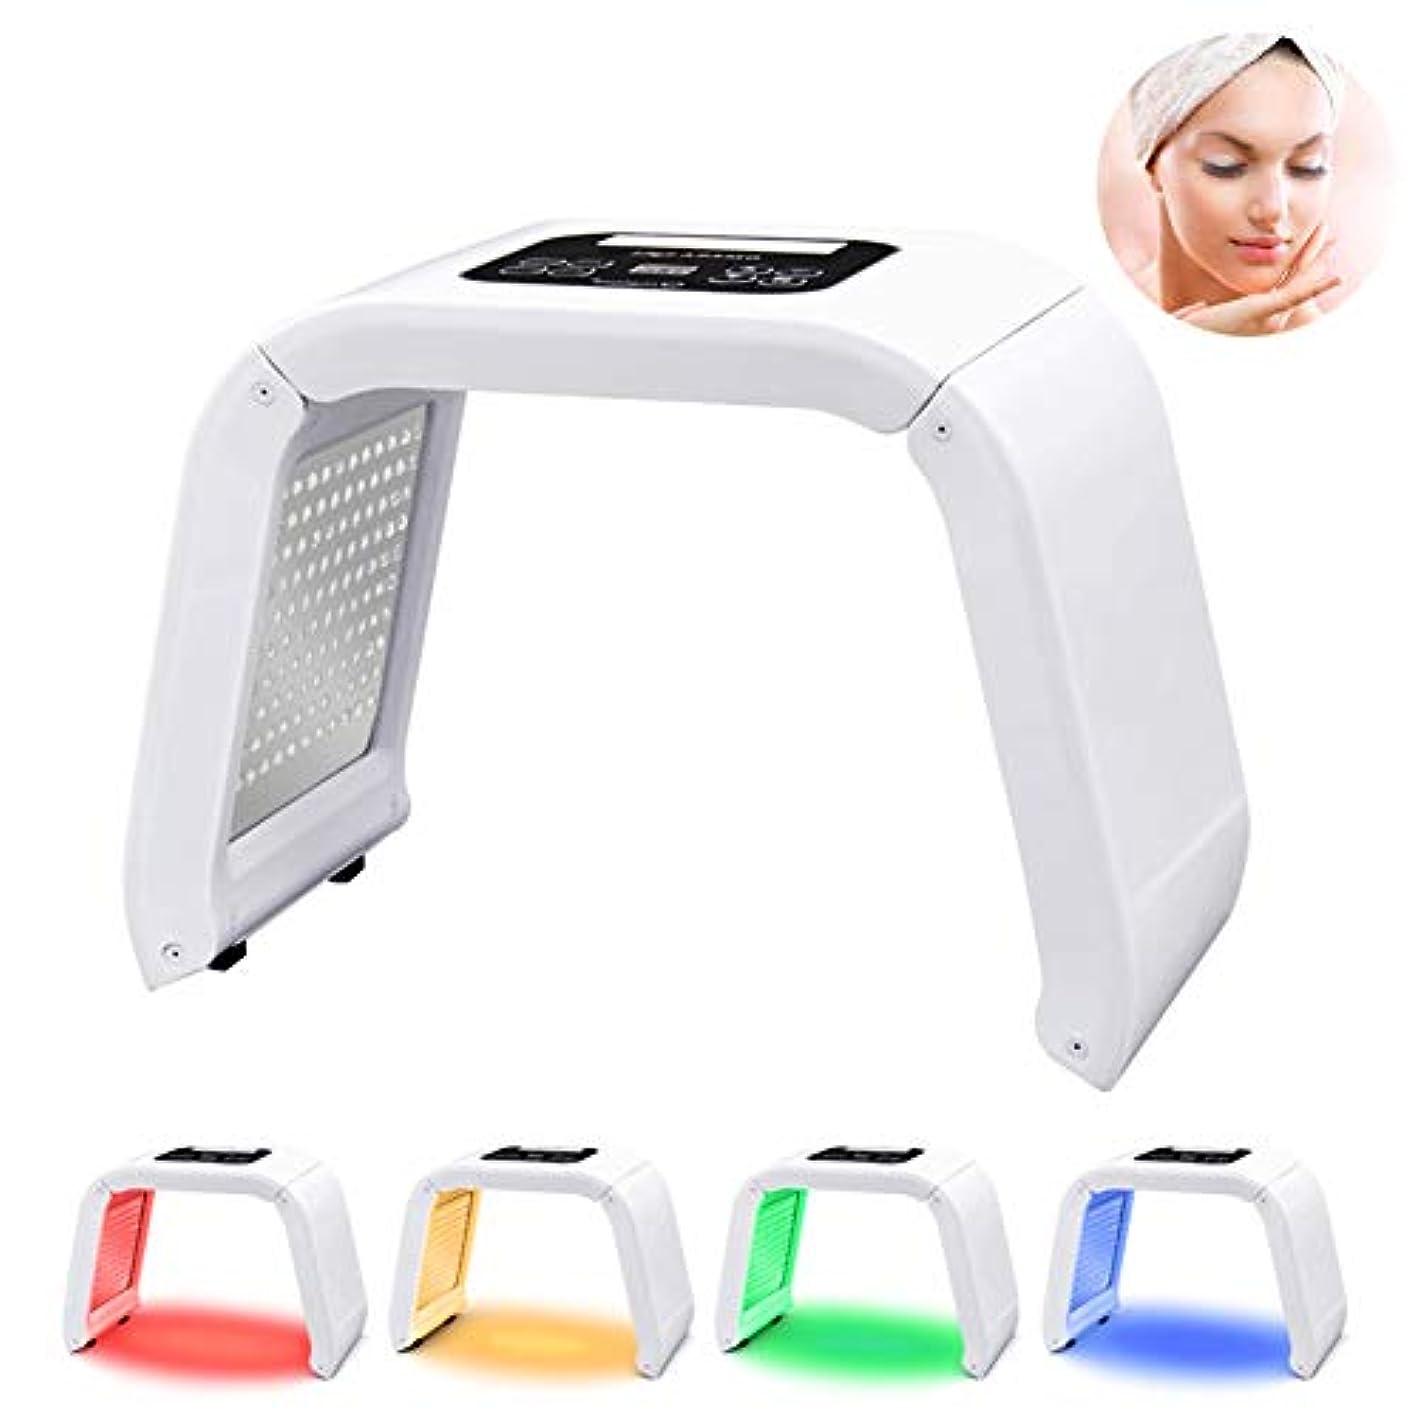 インシュレータナチュラルユニークなPDT 4-In-1 LEDライト光線療法電気スキンケア美容装置家庭用多機能体の美容スキンケア分光器のマシン女性のための完璧なギフト